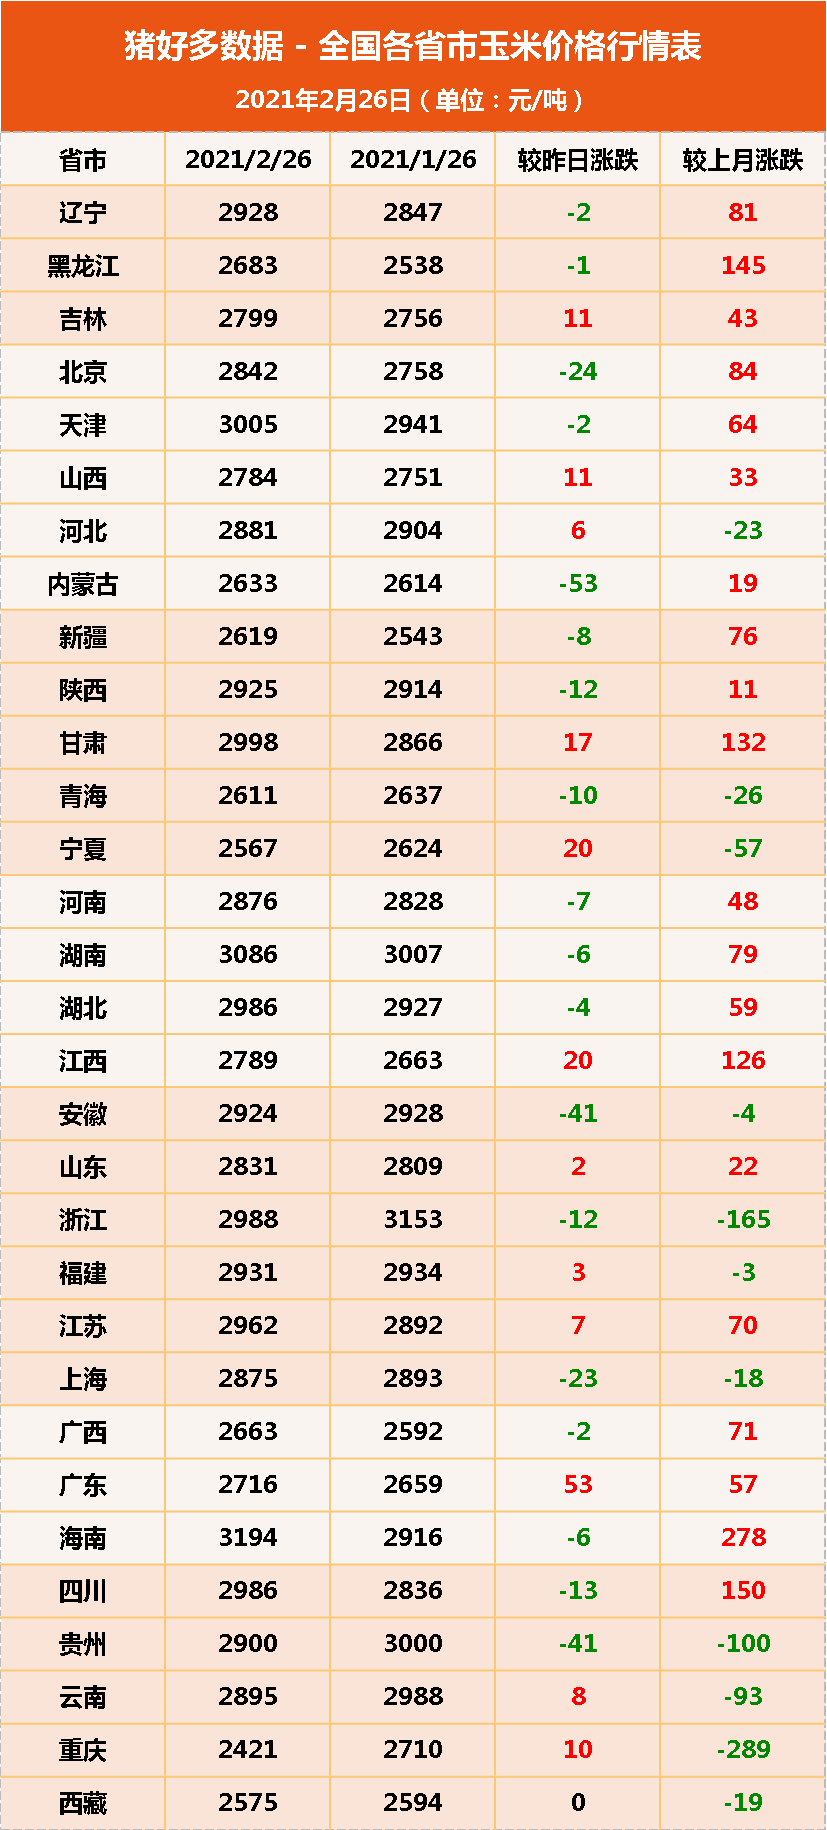 """2月26日饲料原料:豆粕追涨美豆意愿弱,玉米价格被""""高估""""?"""